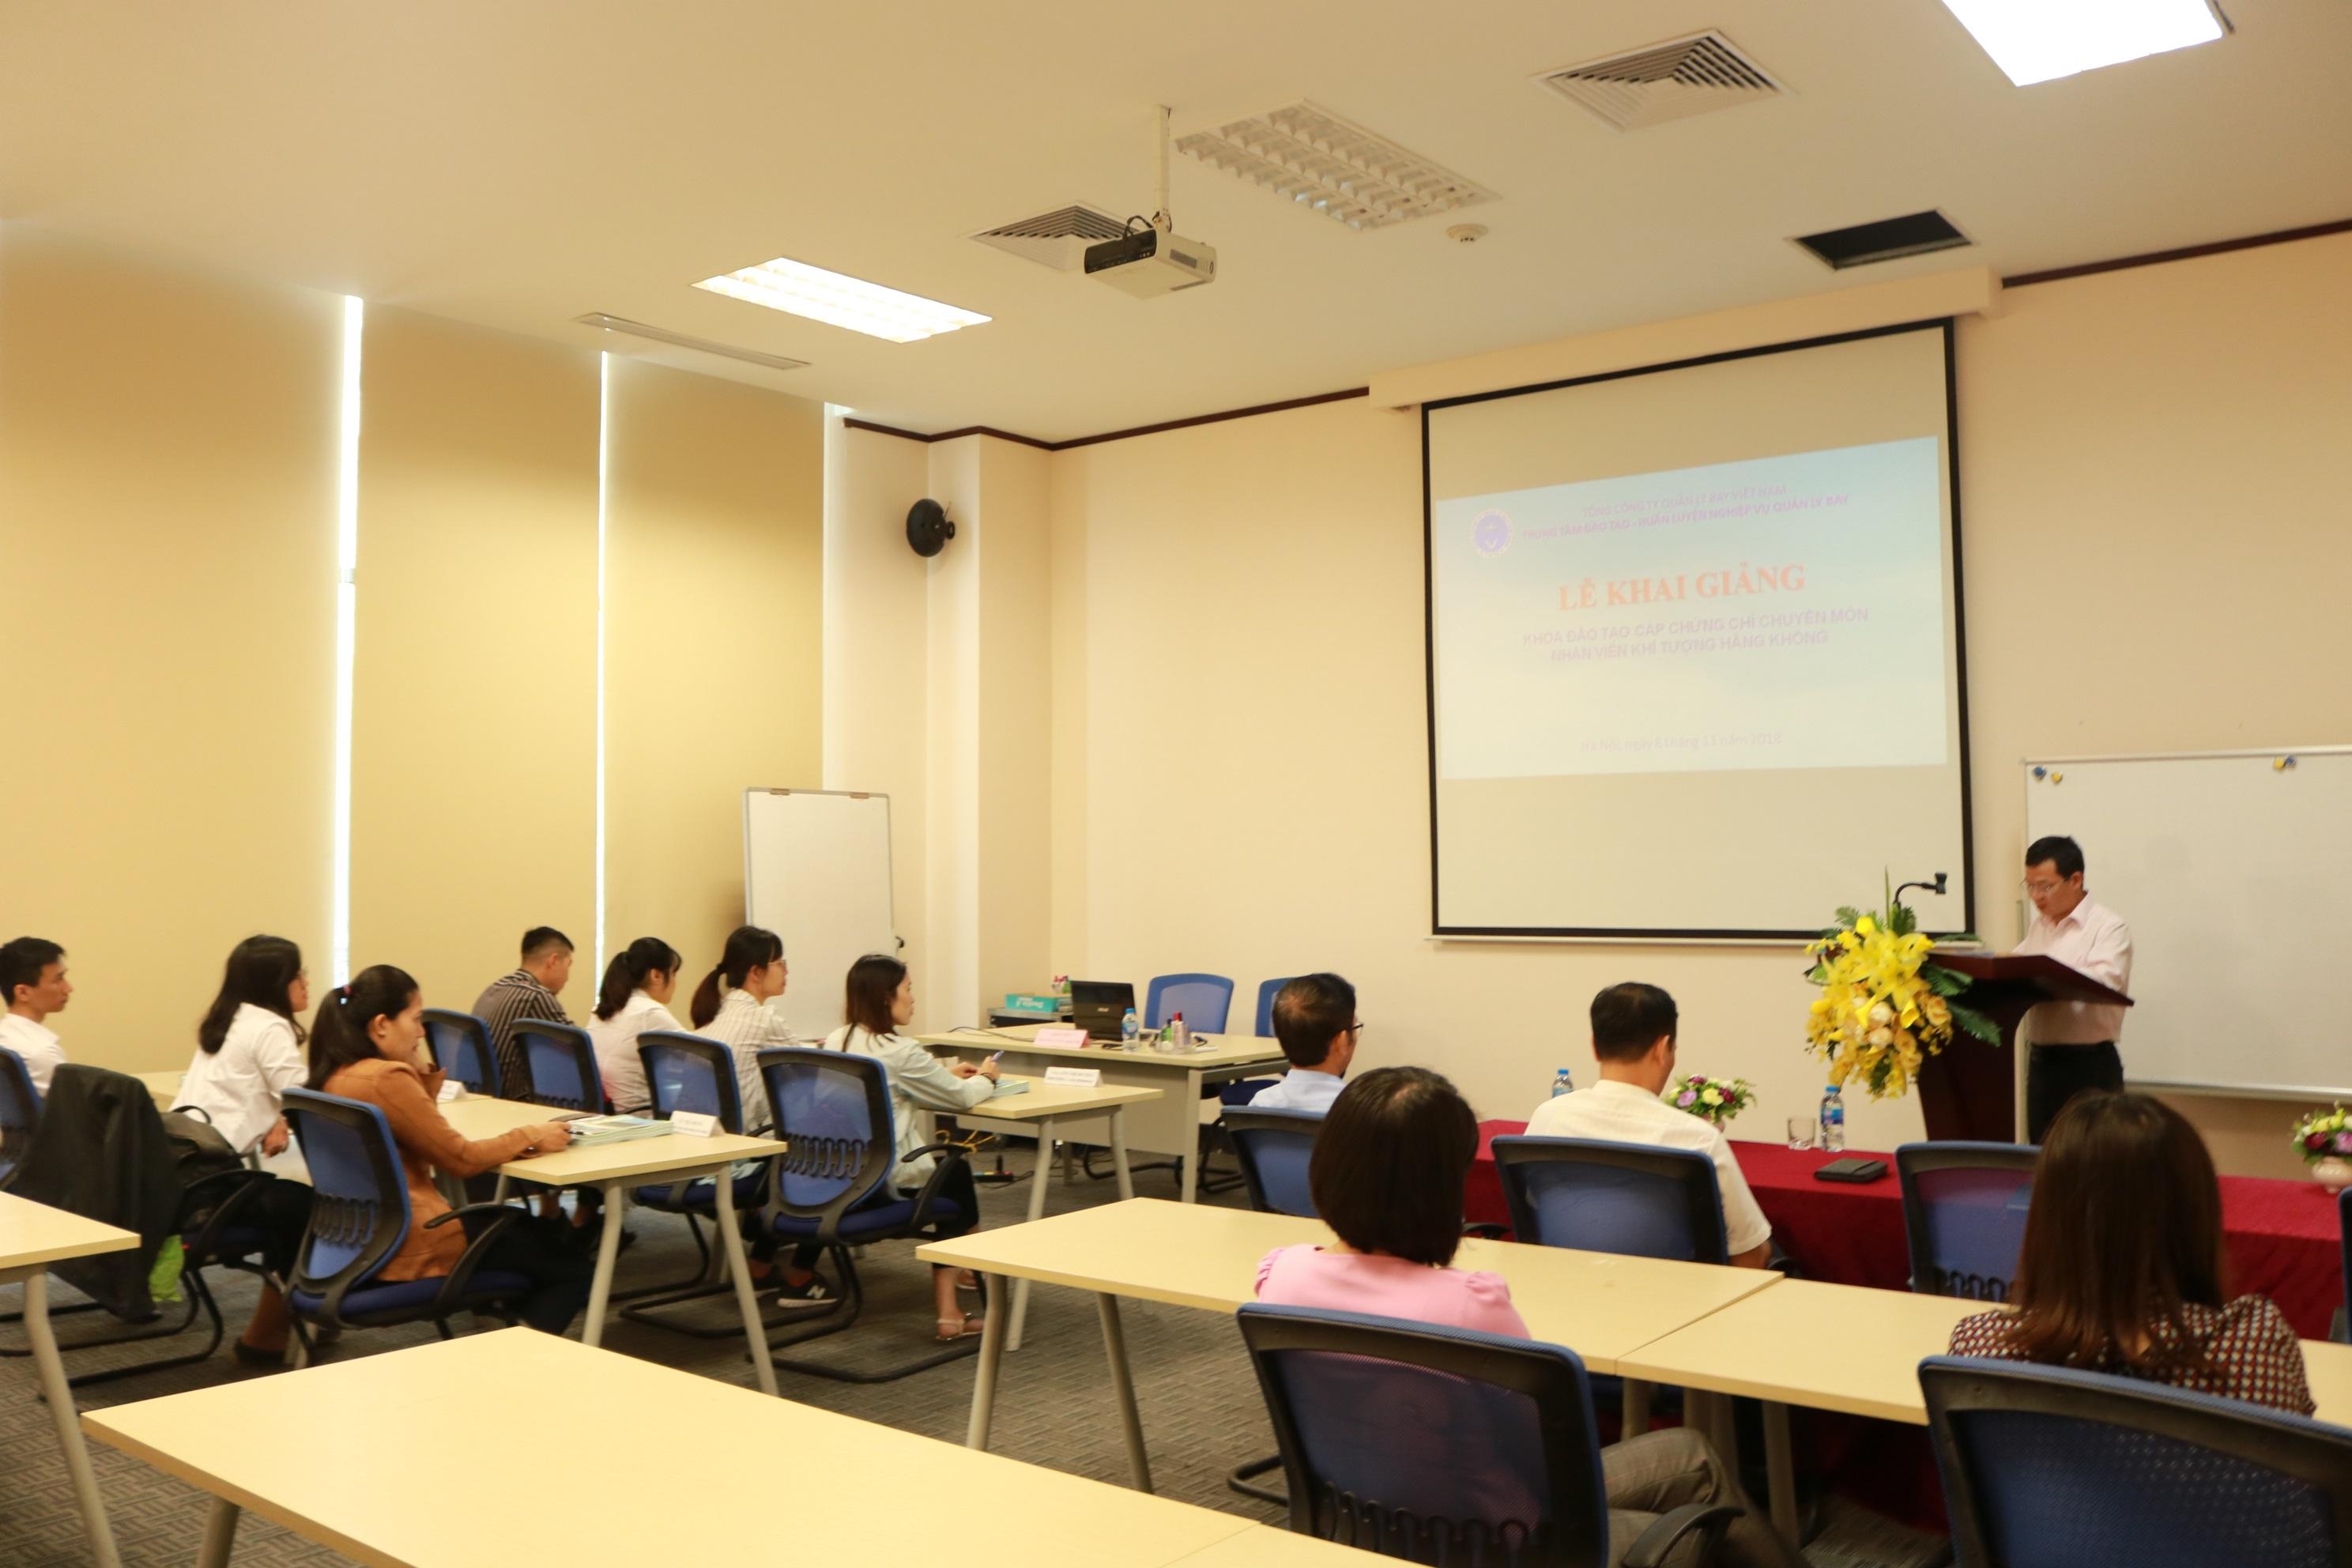 Khai giảng khóa đào tạo cấp chứng chỉ chuyên môn Khí tượng hàng không cho các nhân viên mới tuyển dụng